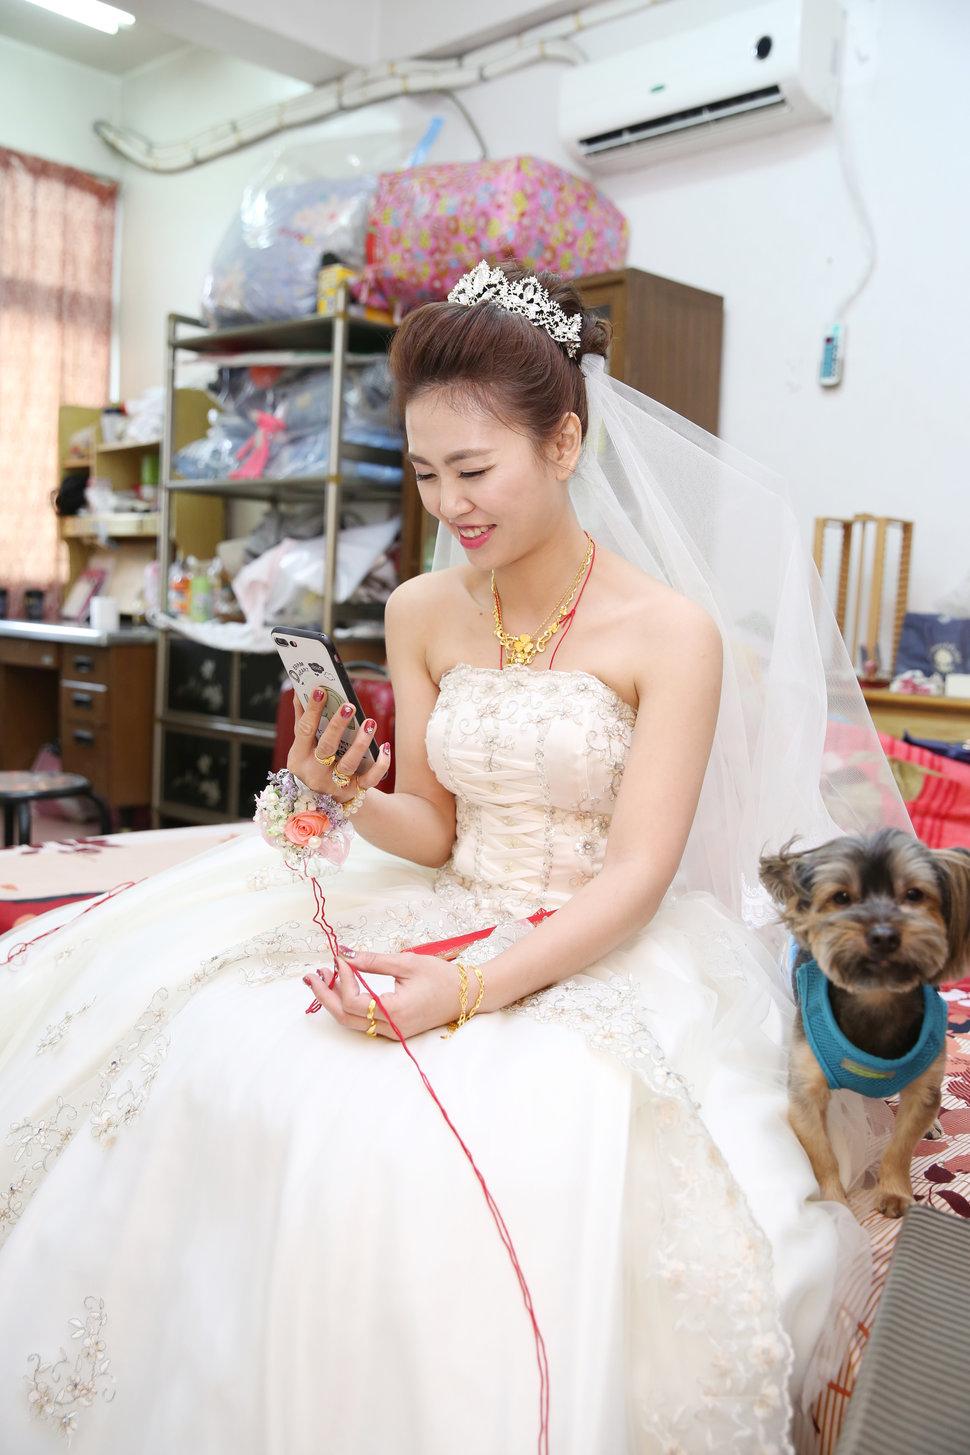 GD7A3320 - 新秘Annie老師《結婚吧》